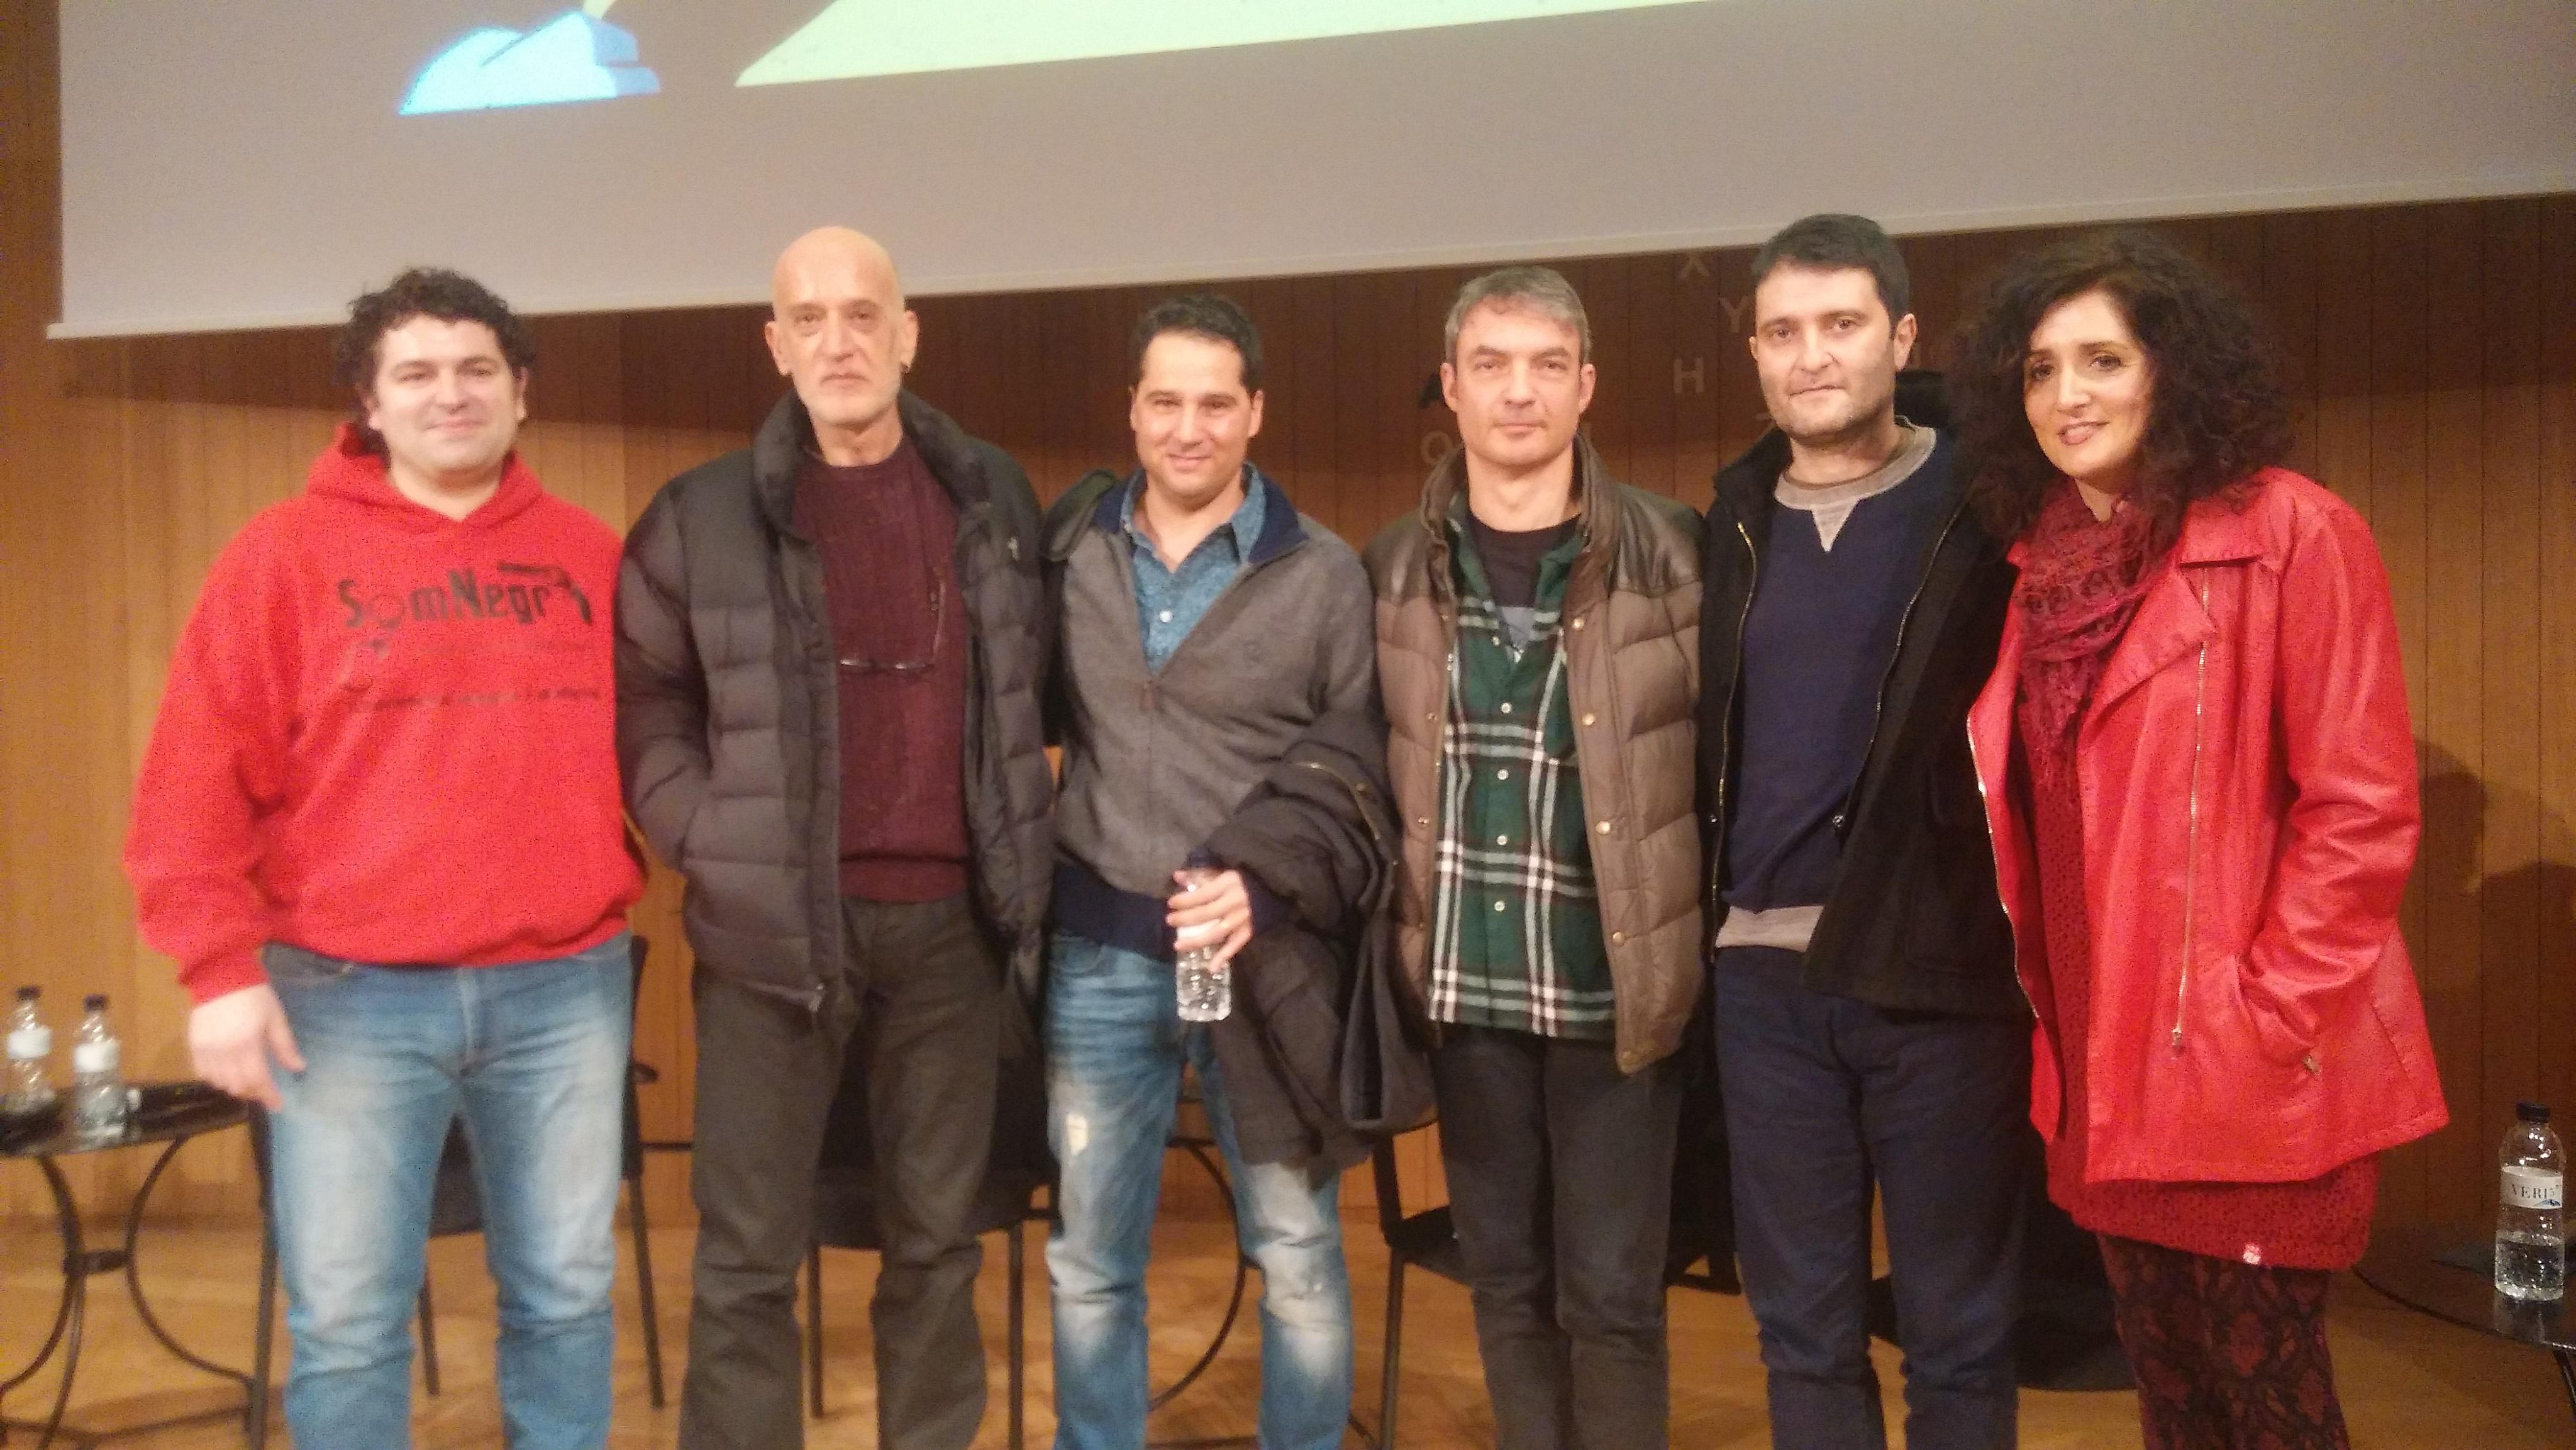 El moderador Miguel Àngel Díaz junt a Aro Sainz, Rafa Melero, Lluís Llort, Marc Moreno i Graziella Moreno durant el BCNegra | Foto: Clàudia Rius